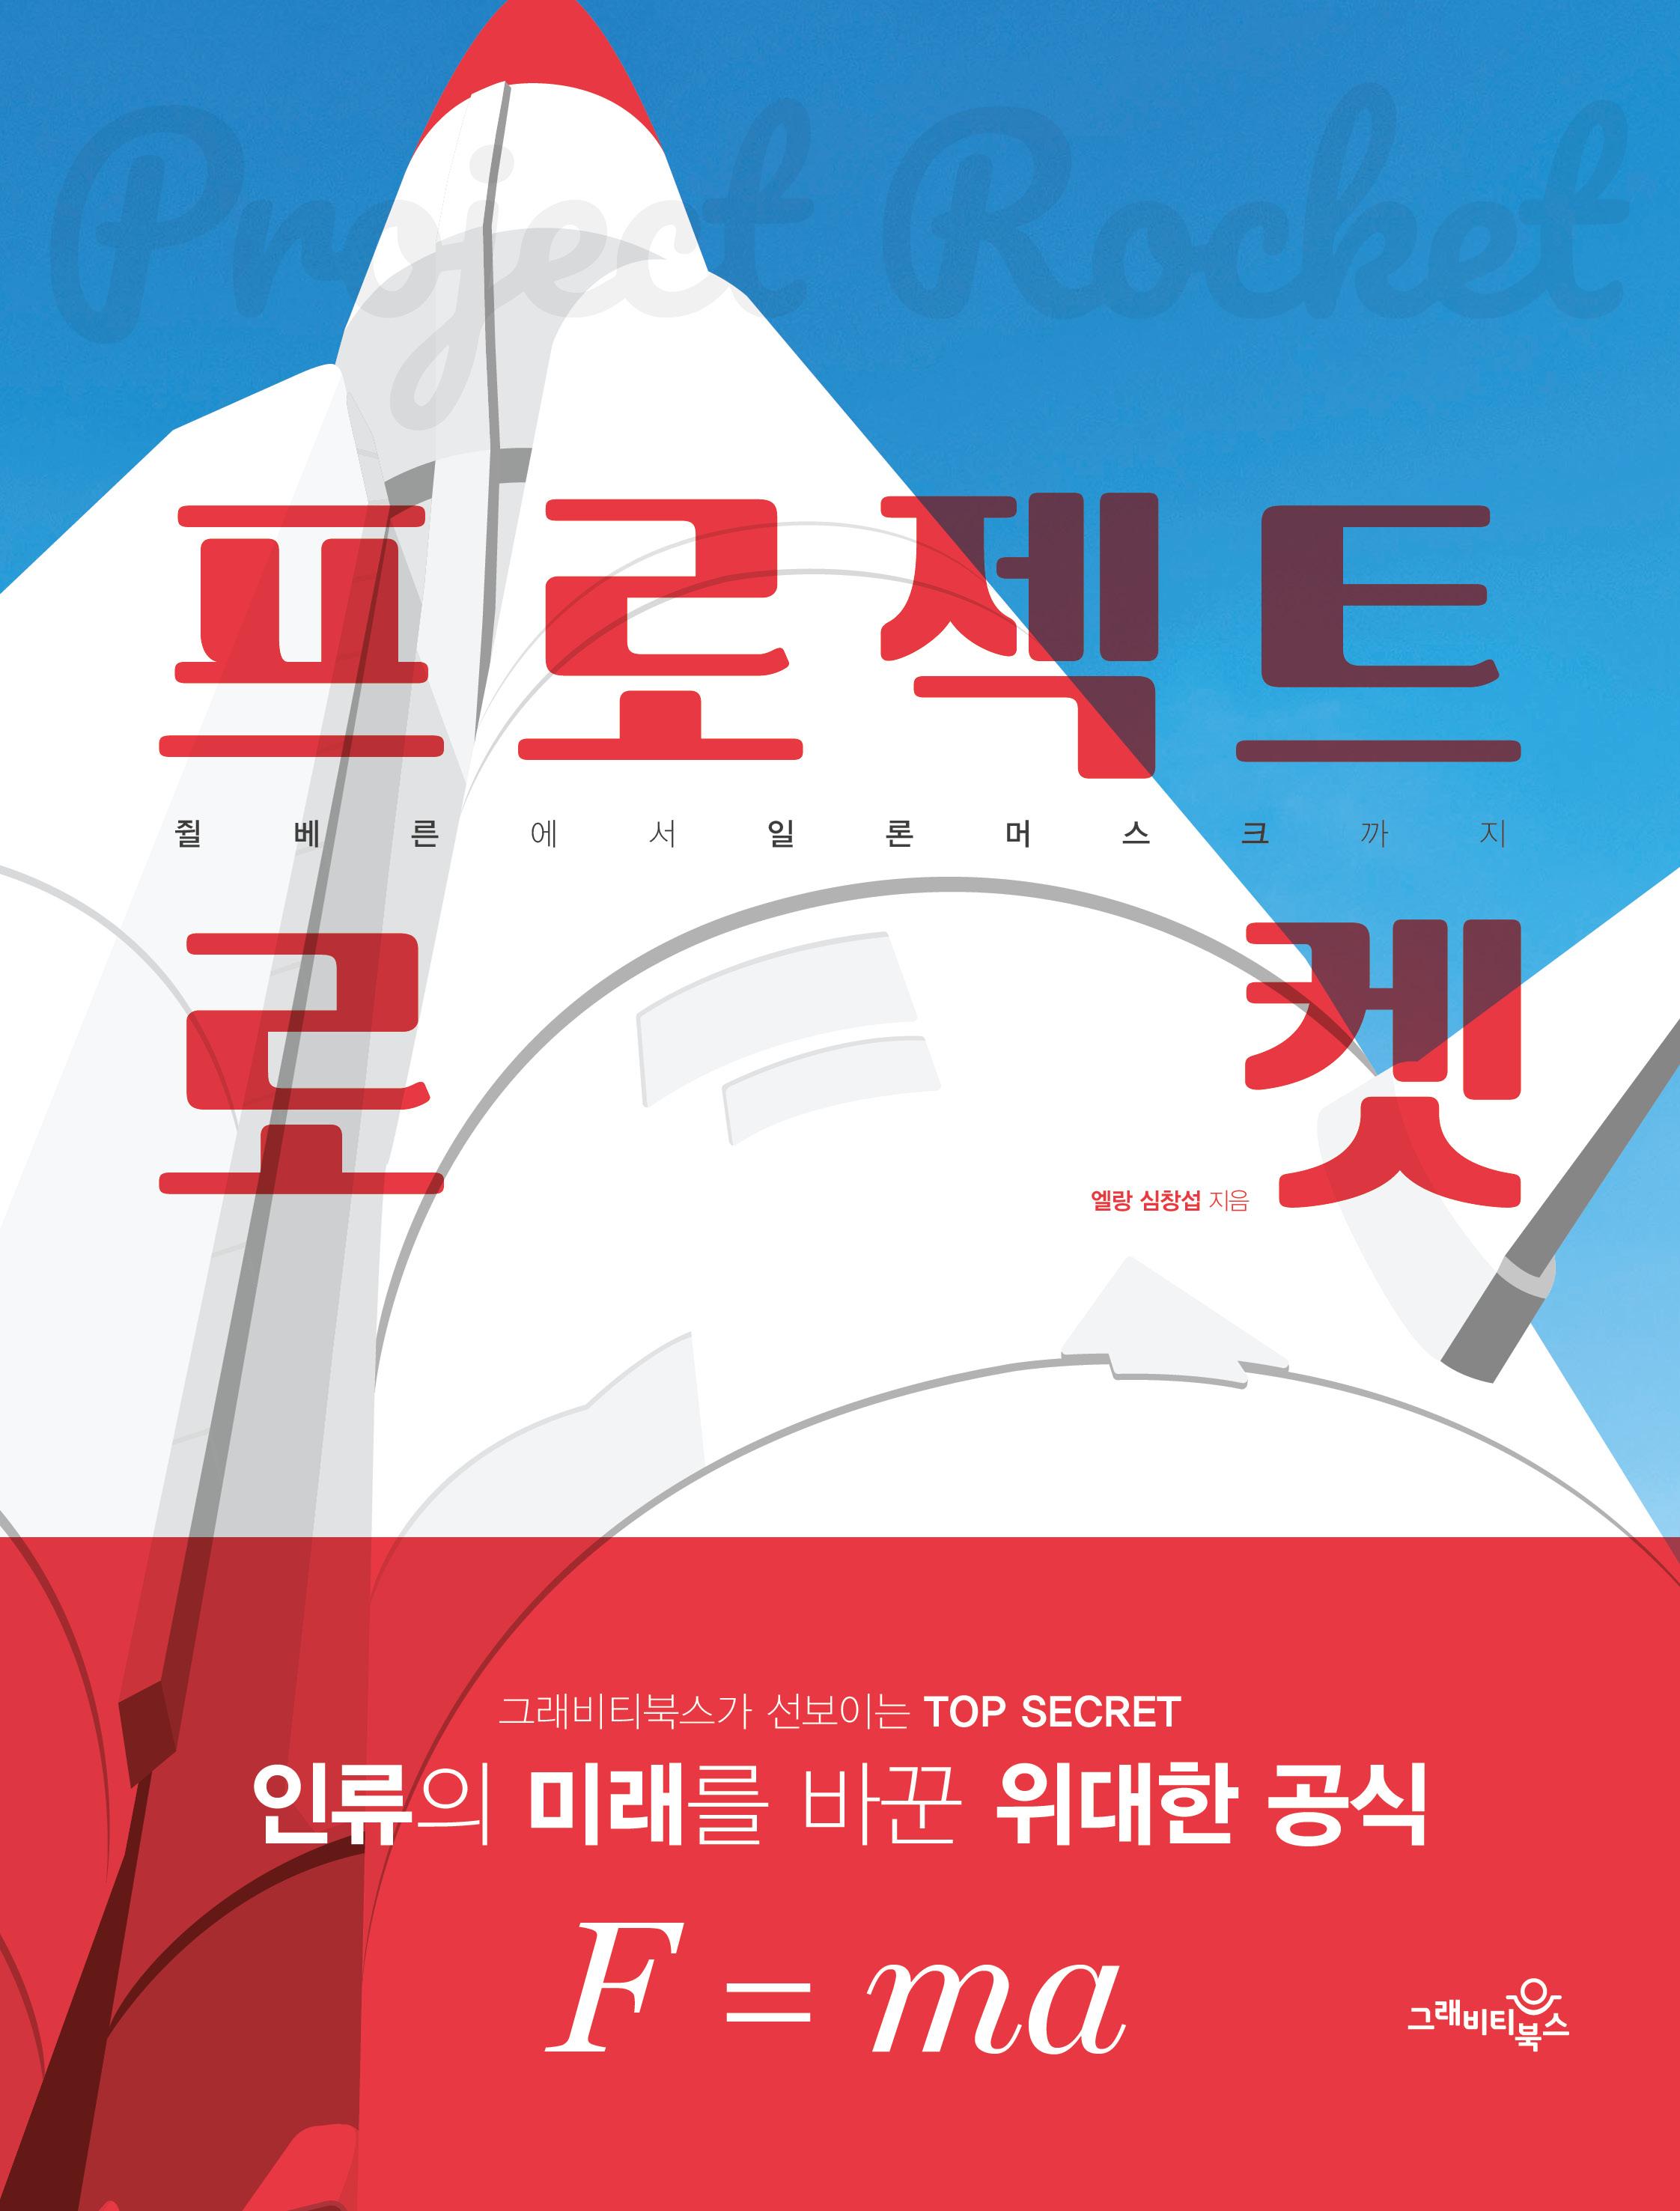 프로젝트 로켓